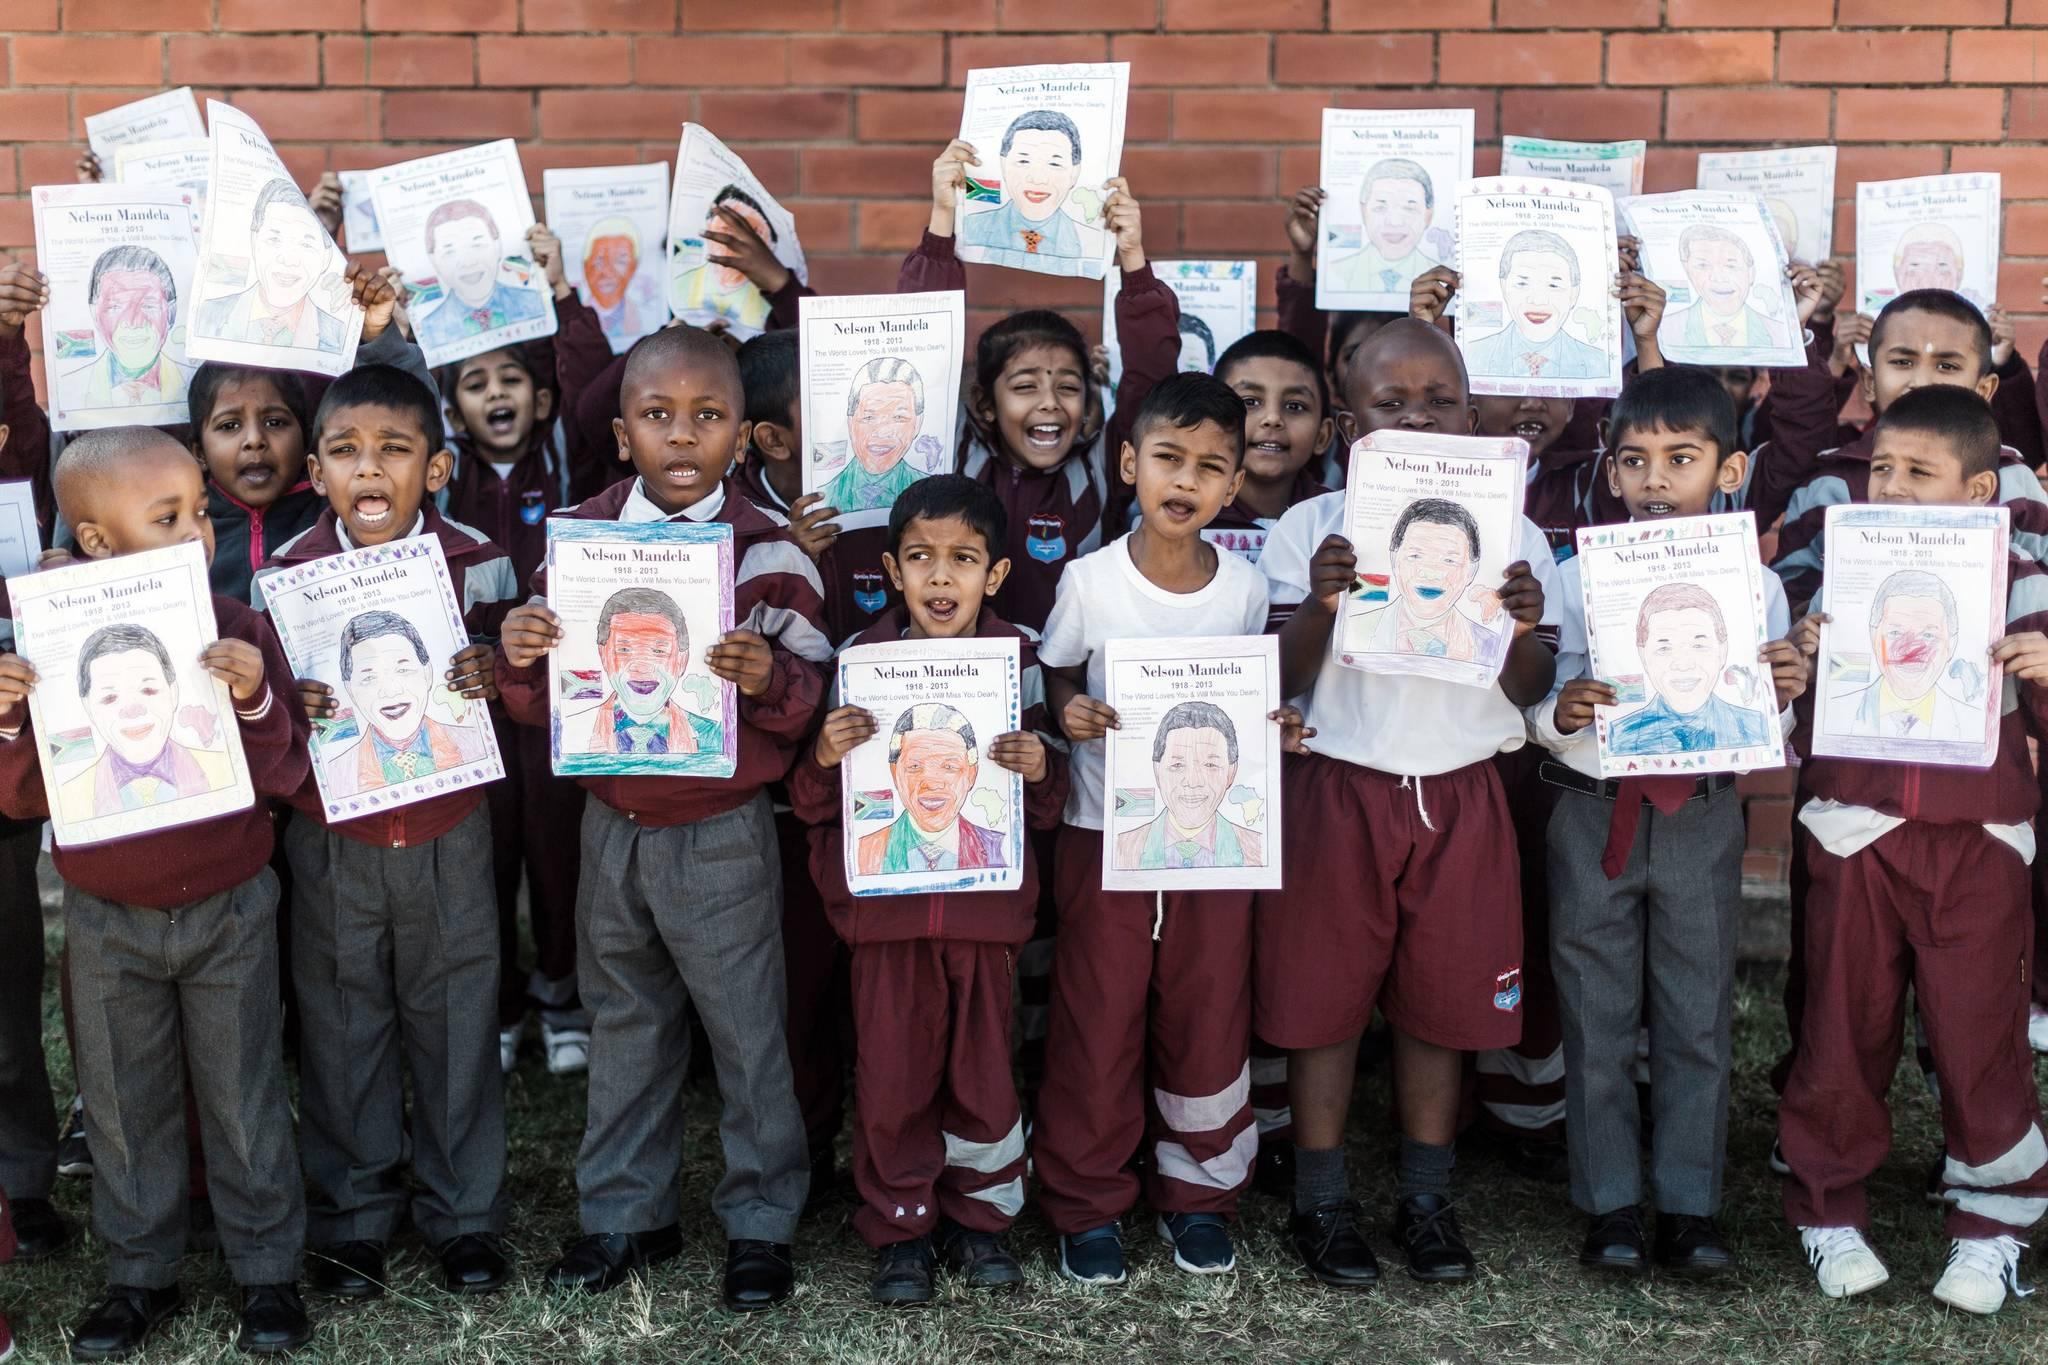 남아공 노던 프라이메리 어린이들이 18일(현지시간) 넬슨 만델라 초상화를 들고 생일축하곡을 부르고 있다. [AFP=연합뉴스]